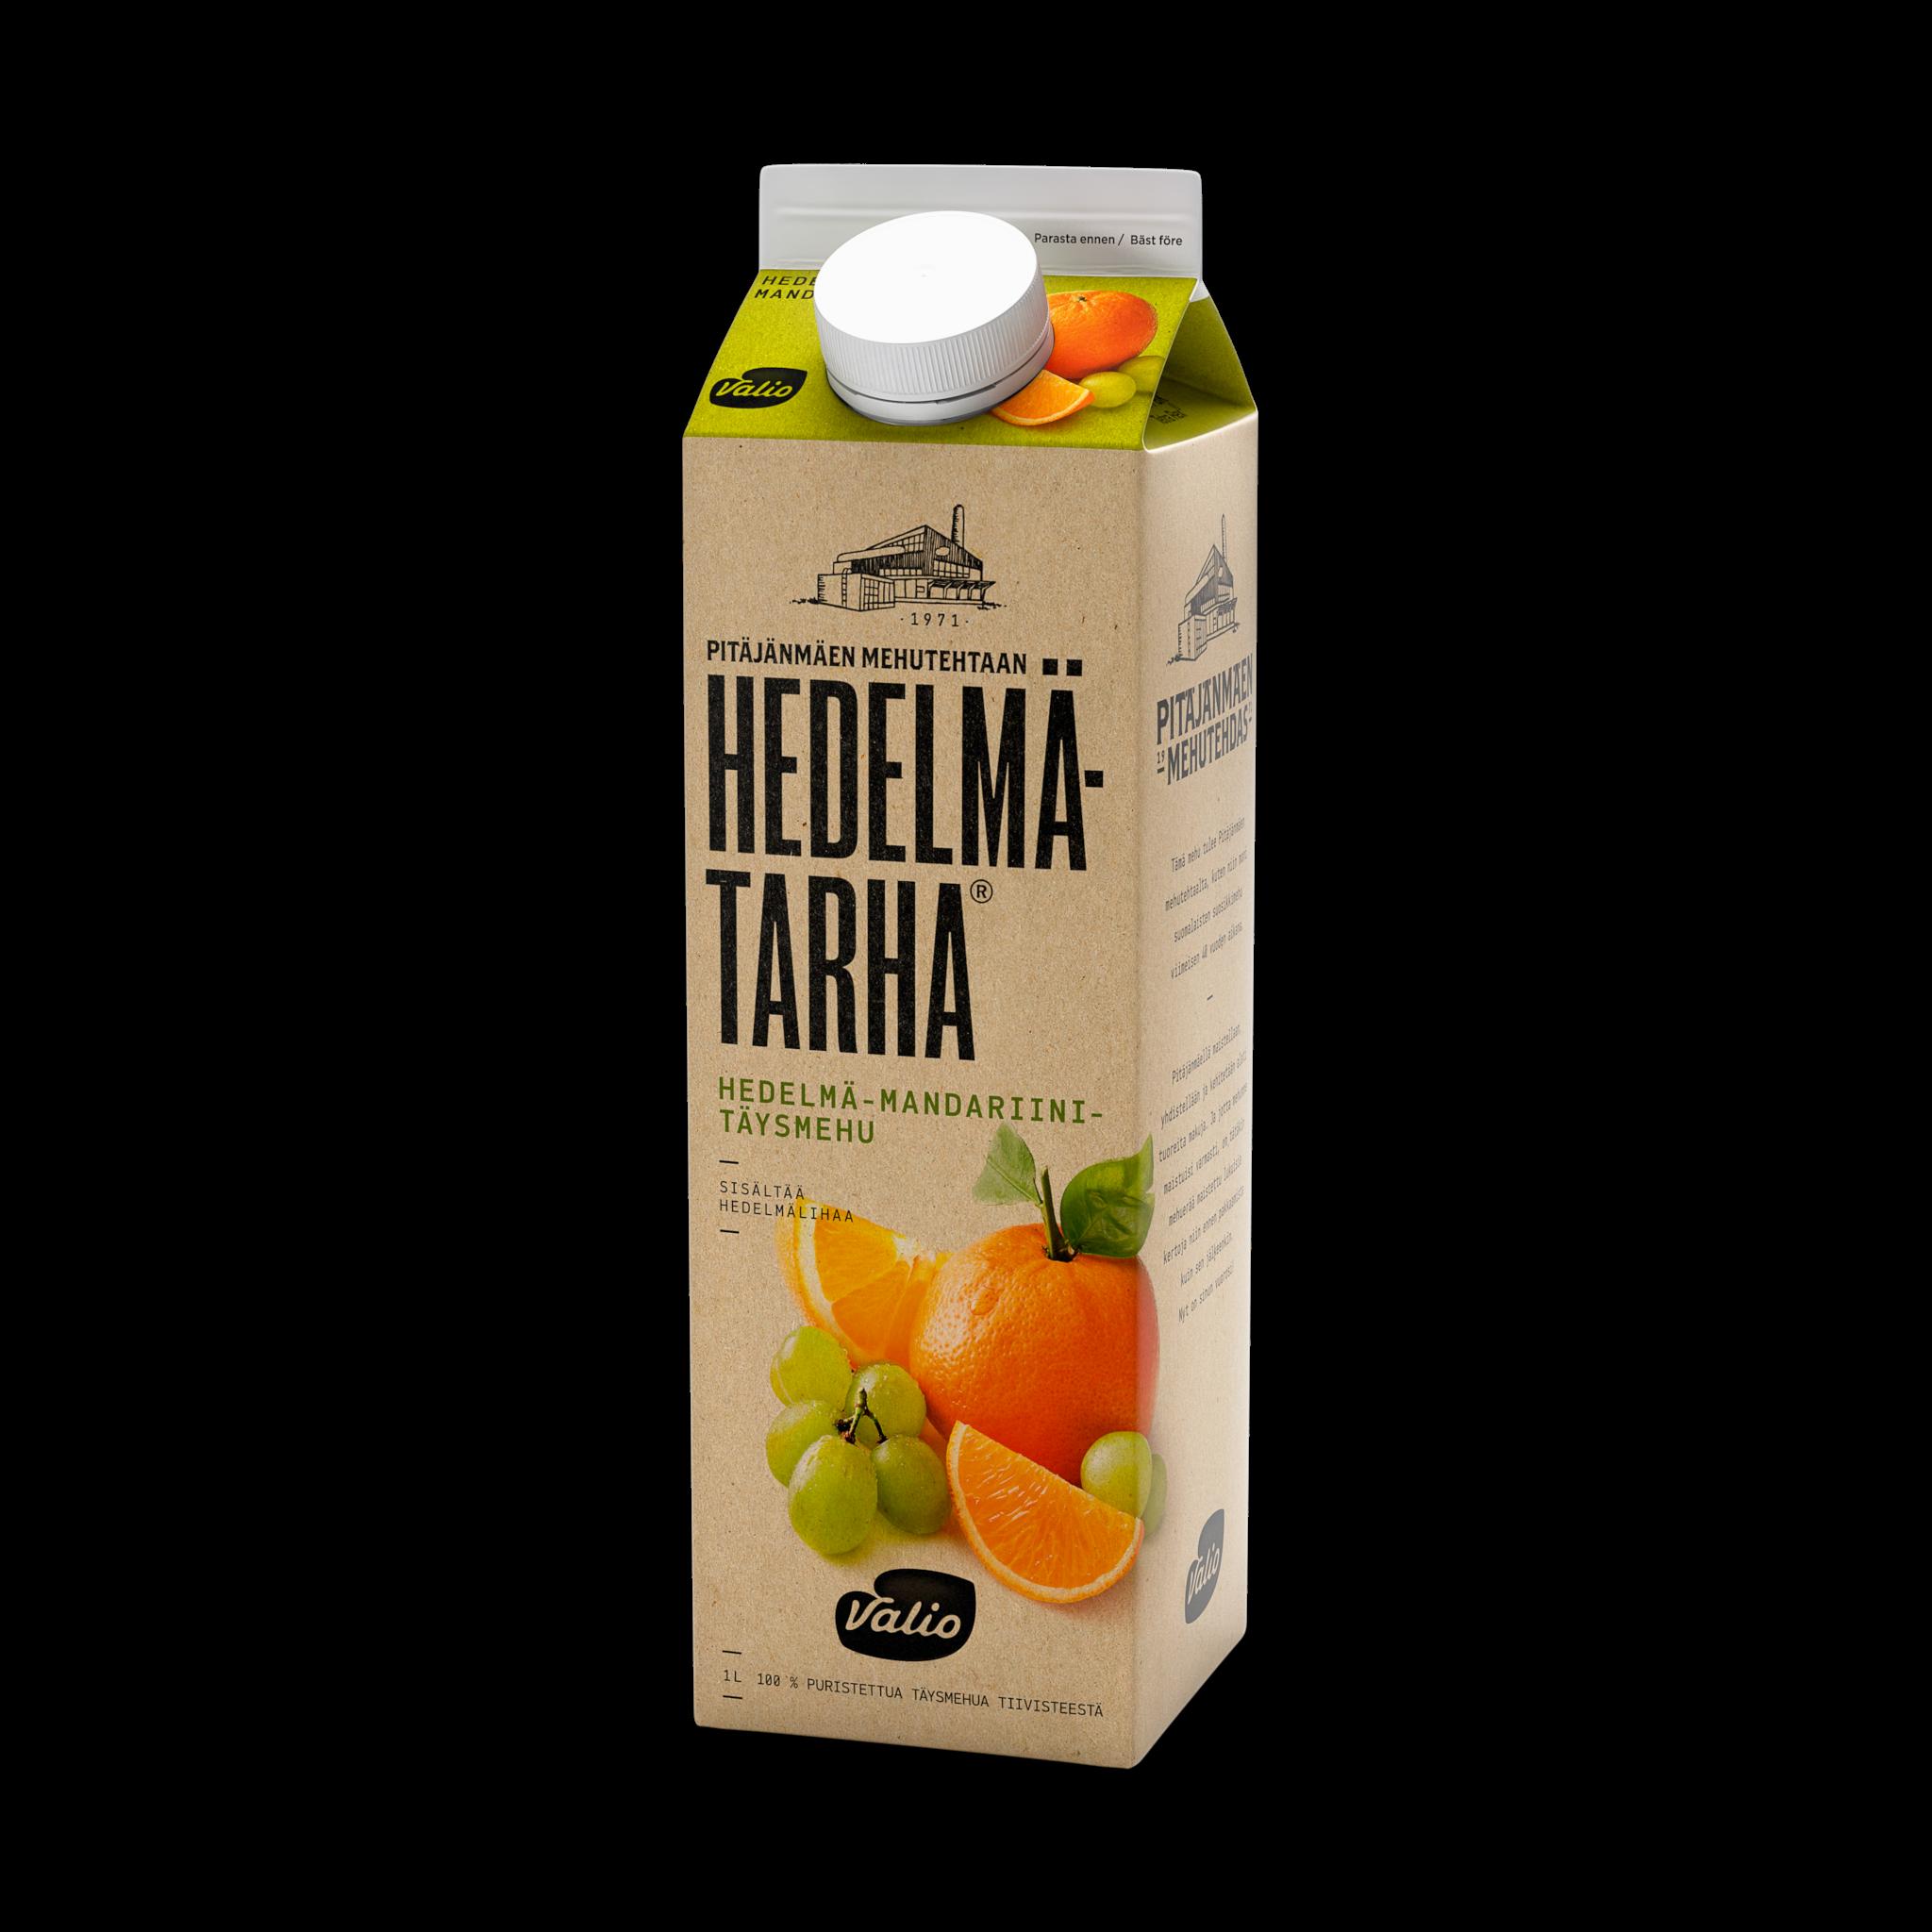 Valio Hedelmätarha® appelsiini - mandariini - rypäletäysmehu hedelmäli